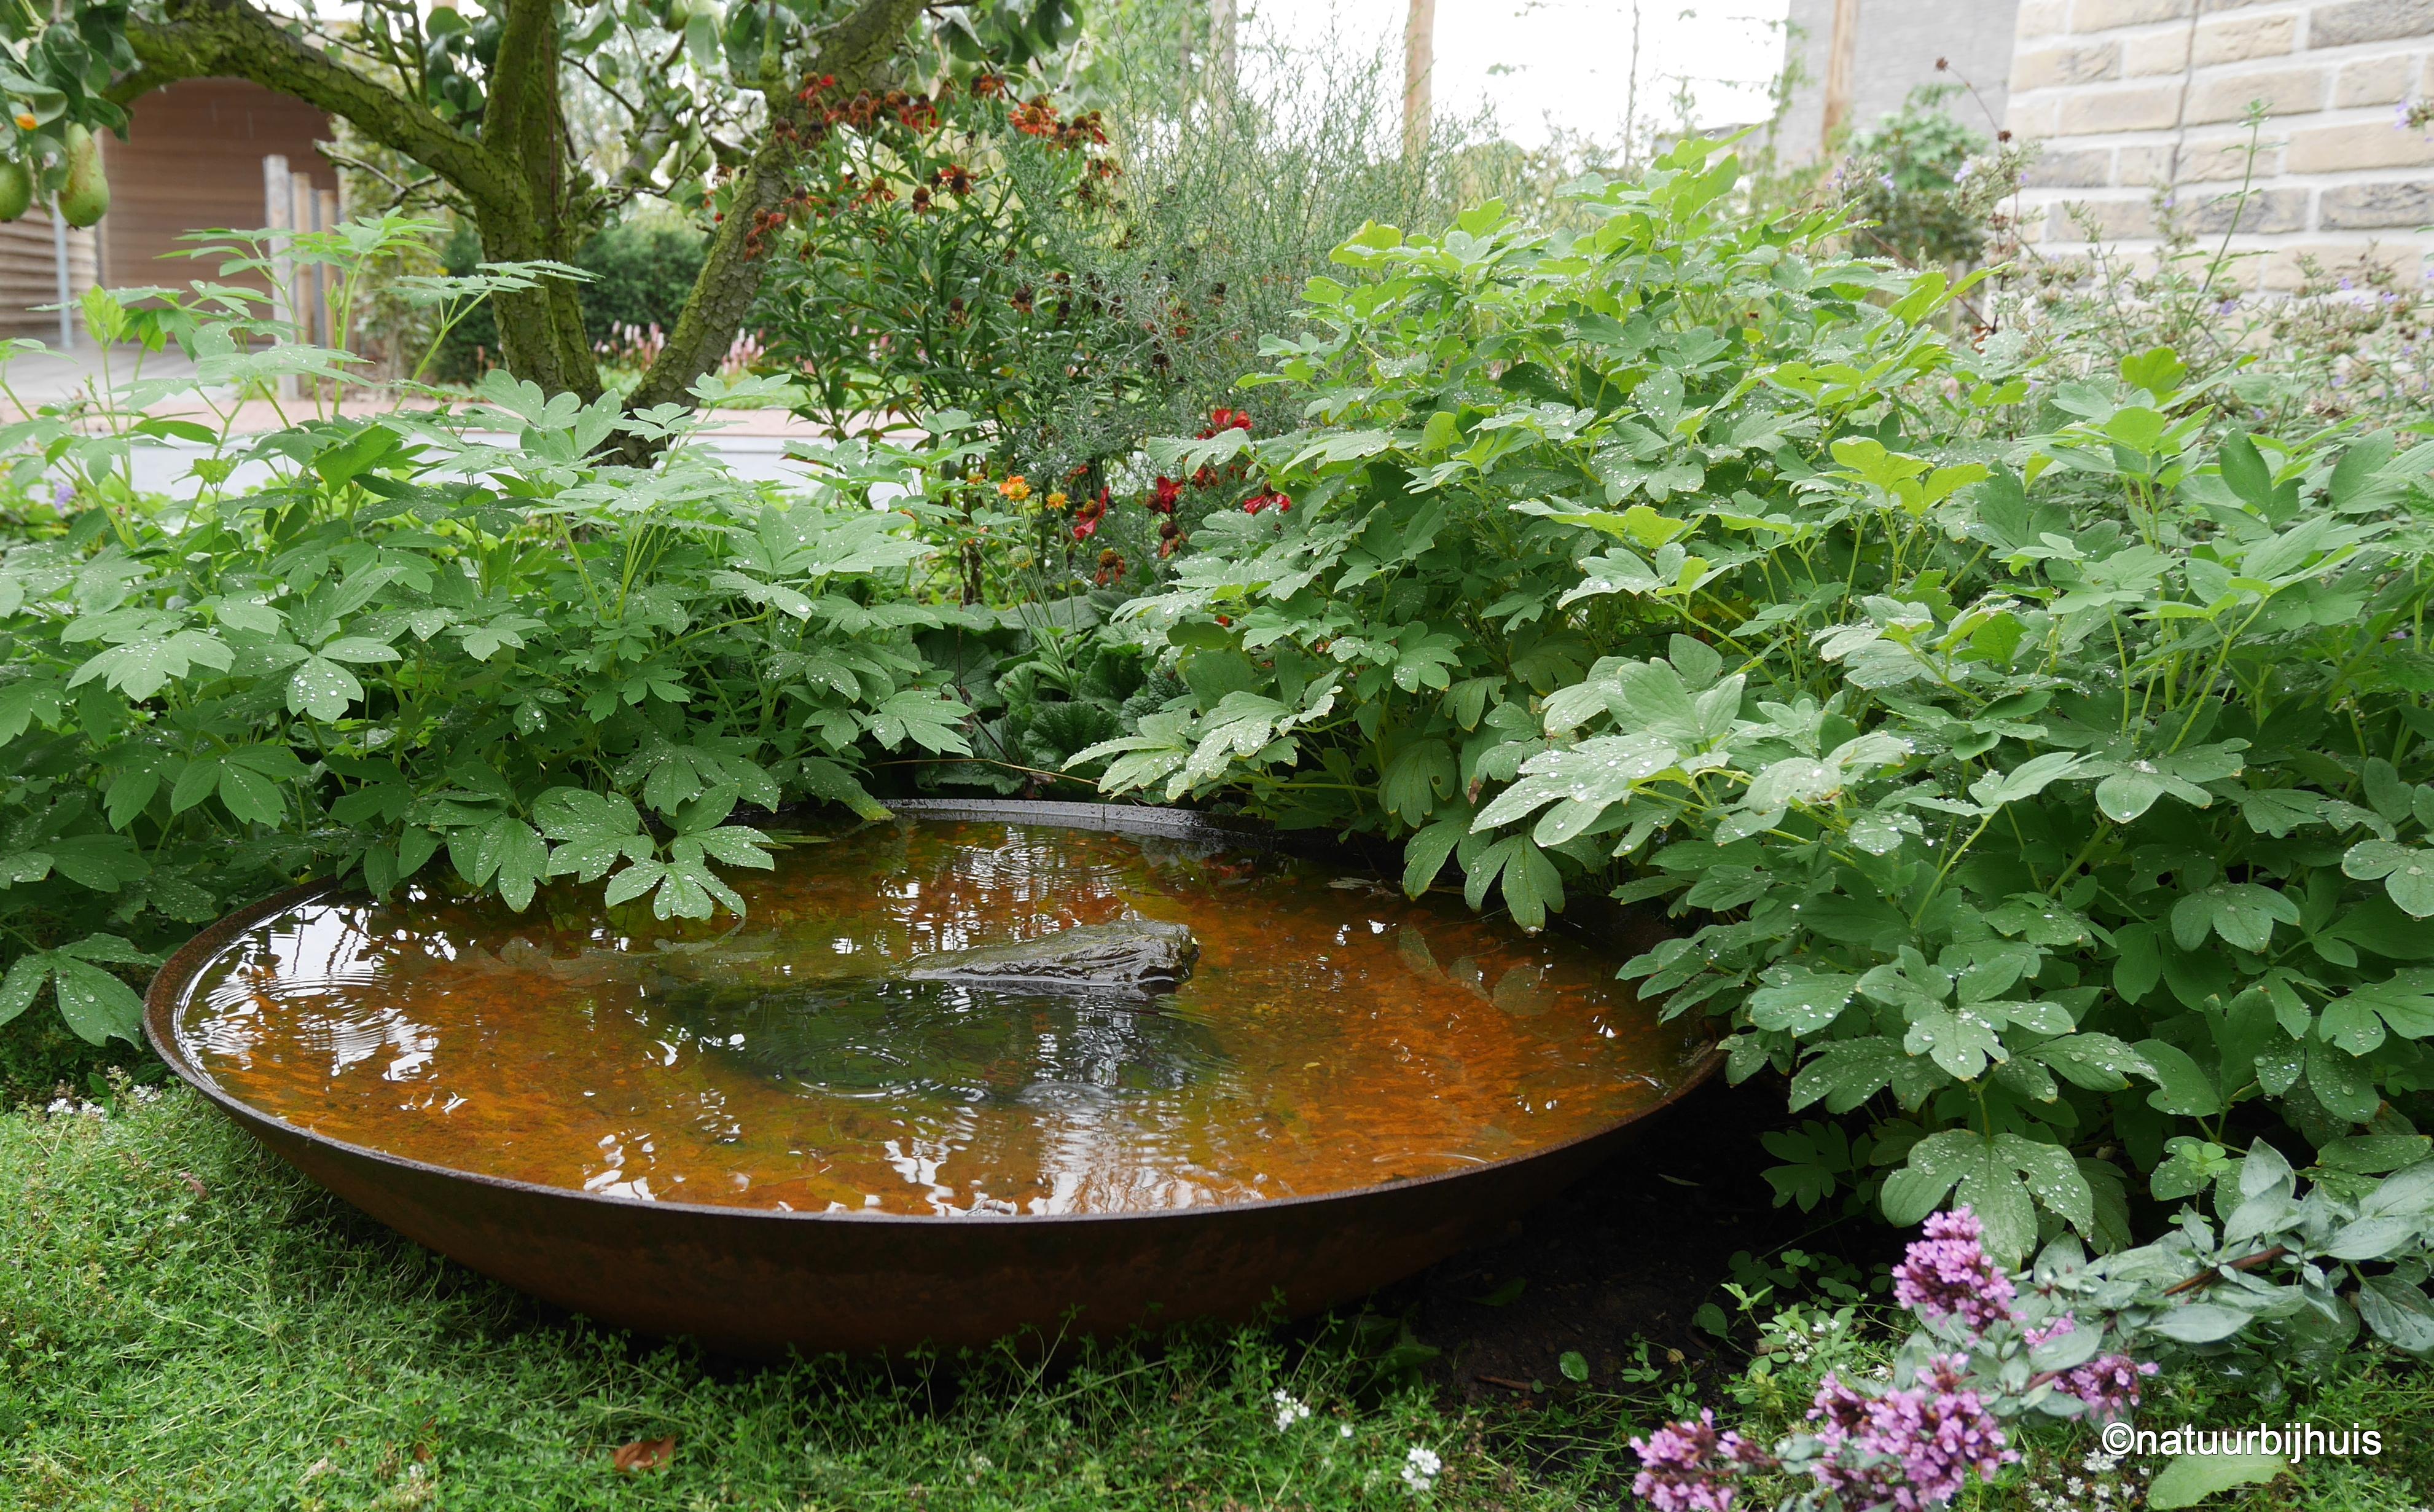 natuurbijhuis tuinontwerp voortuin limburg roermond beplantingsplan cortenstaal waterschaal